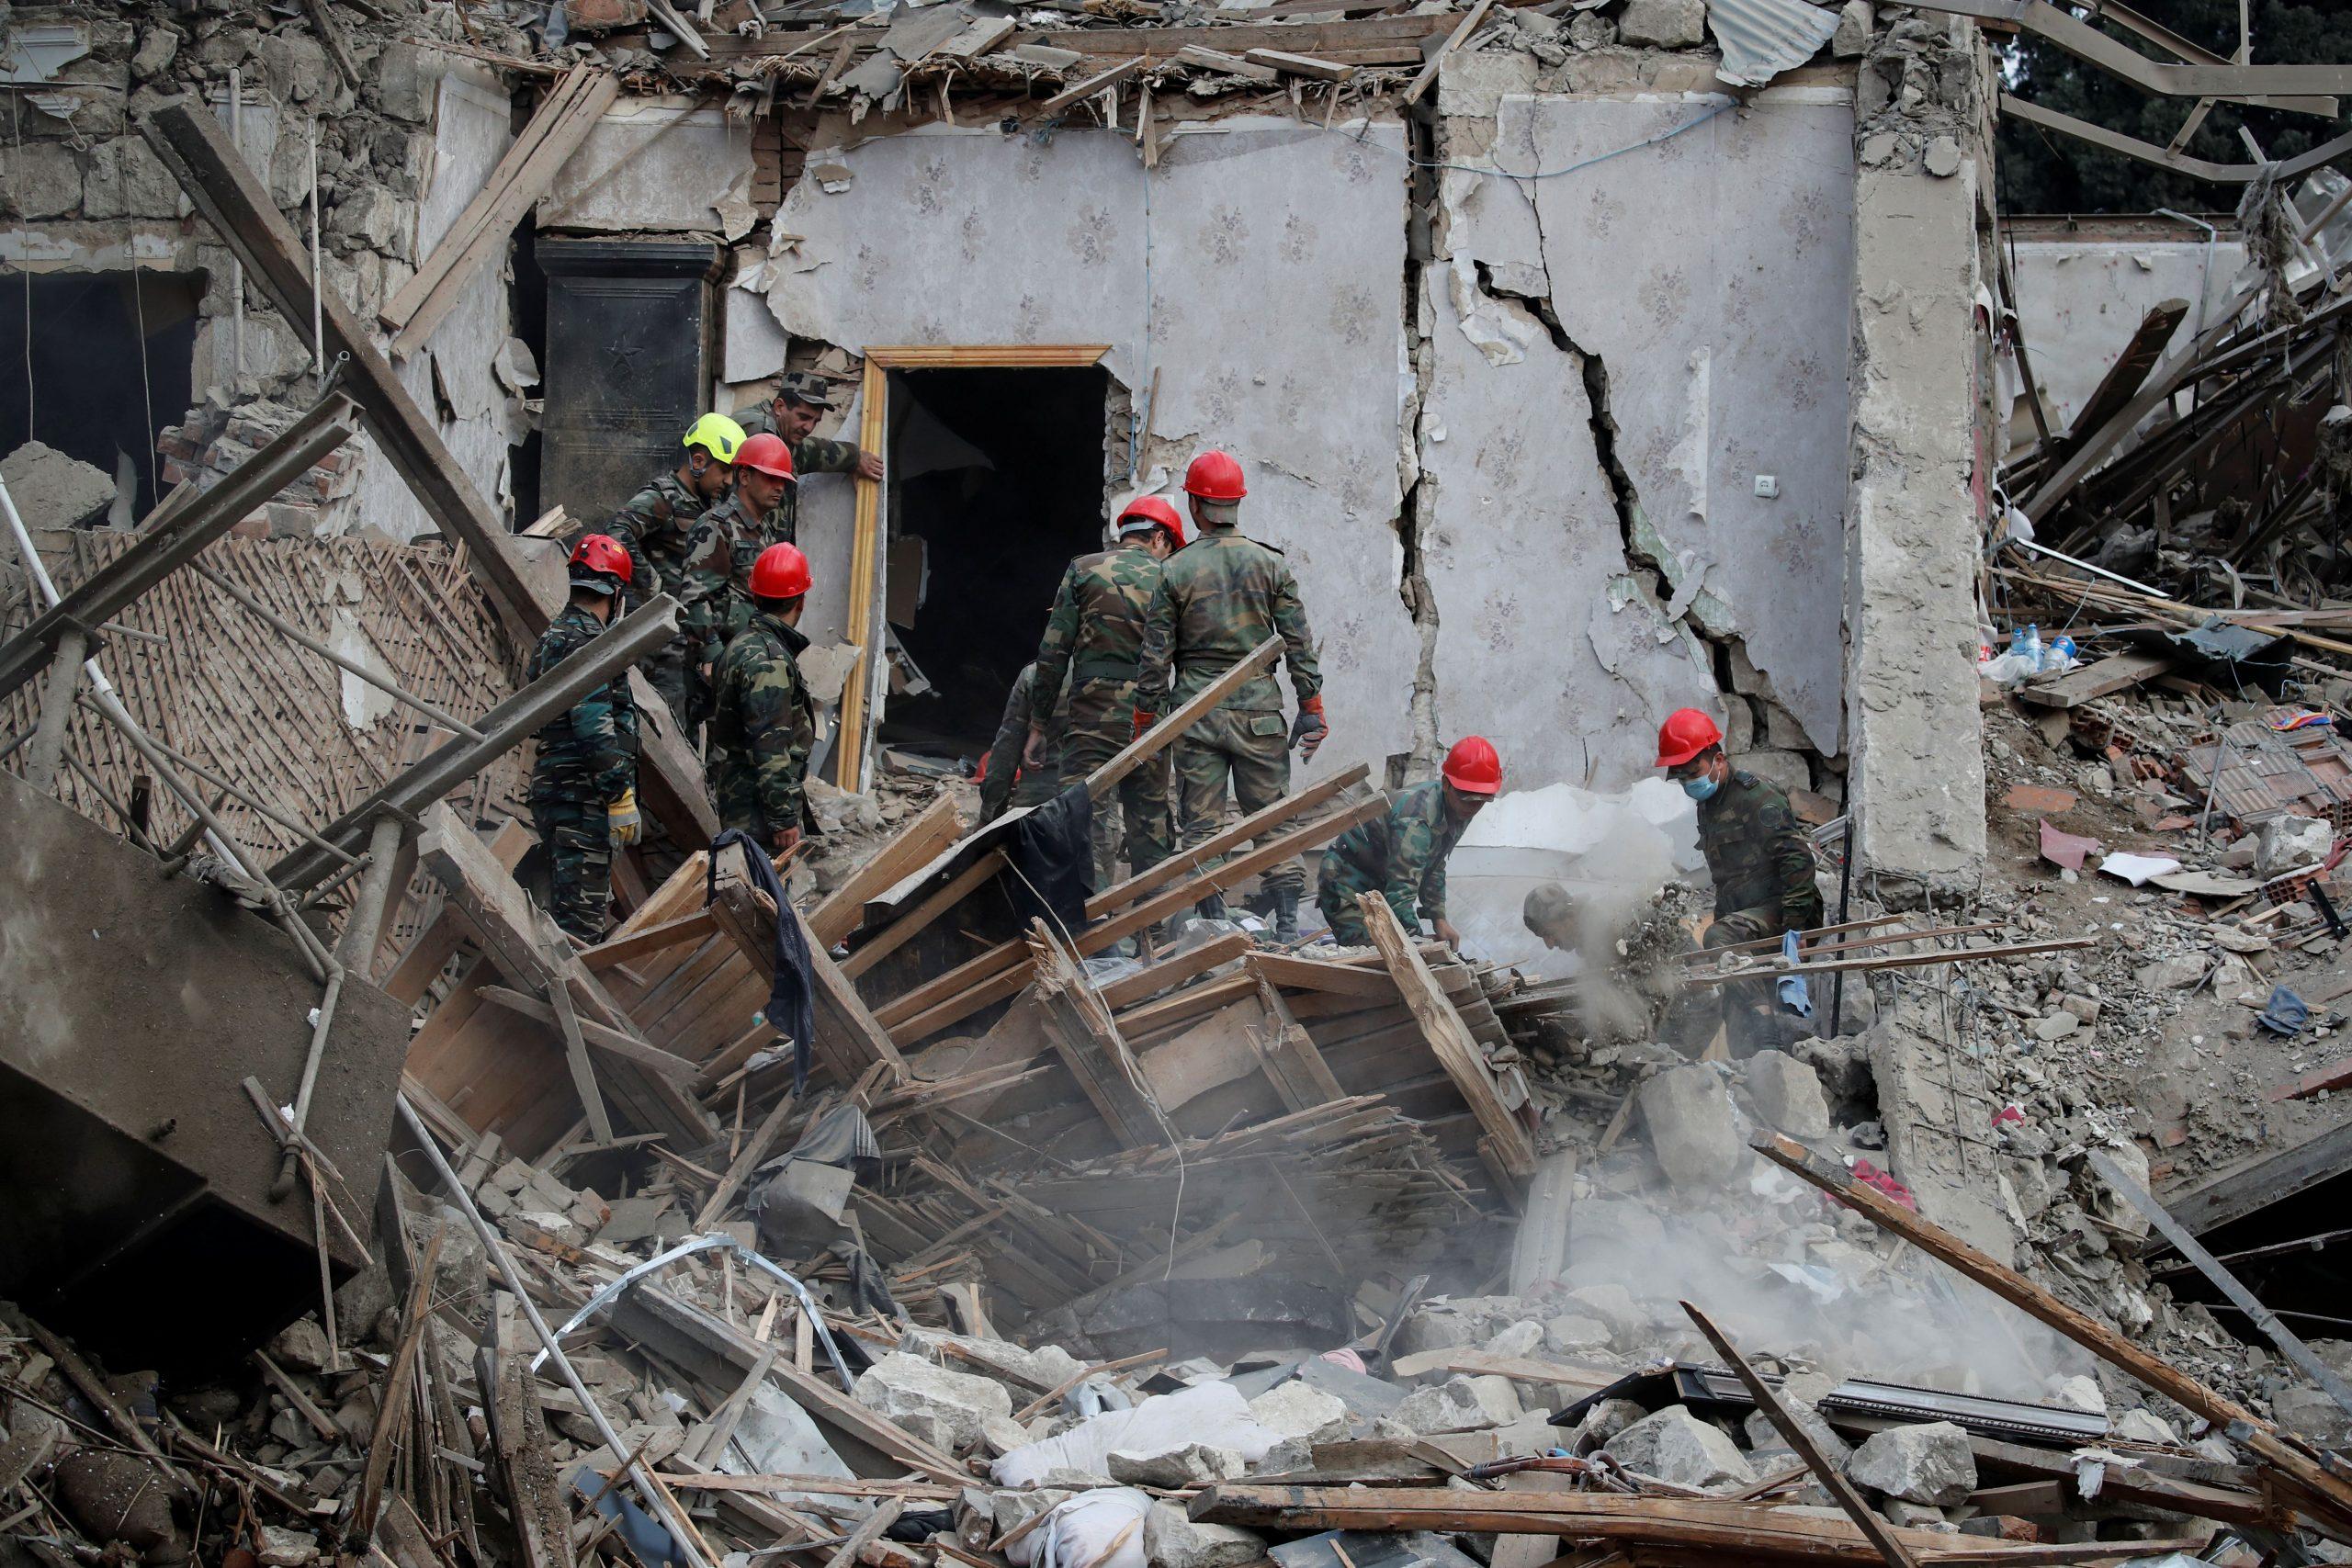 Equipos de búsqueda y rescate trabajan en el lugar de la explosión alcanzado por un cohete durante los combates en la región separatista de Nagorno-Karabaj en la ciudad de Ganja, Azerbaiyán. REUTERS/Umit Bektas